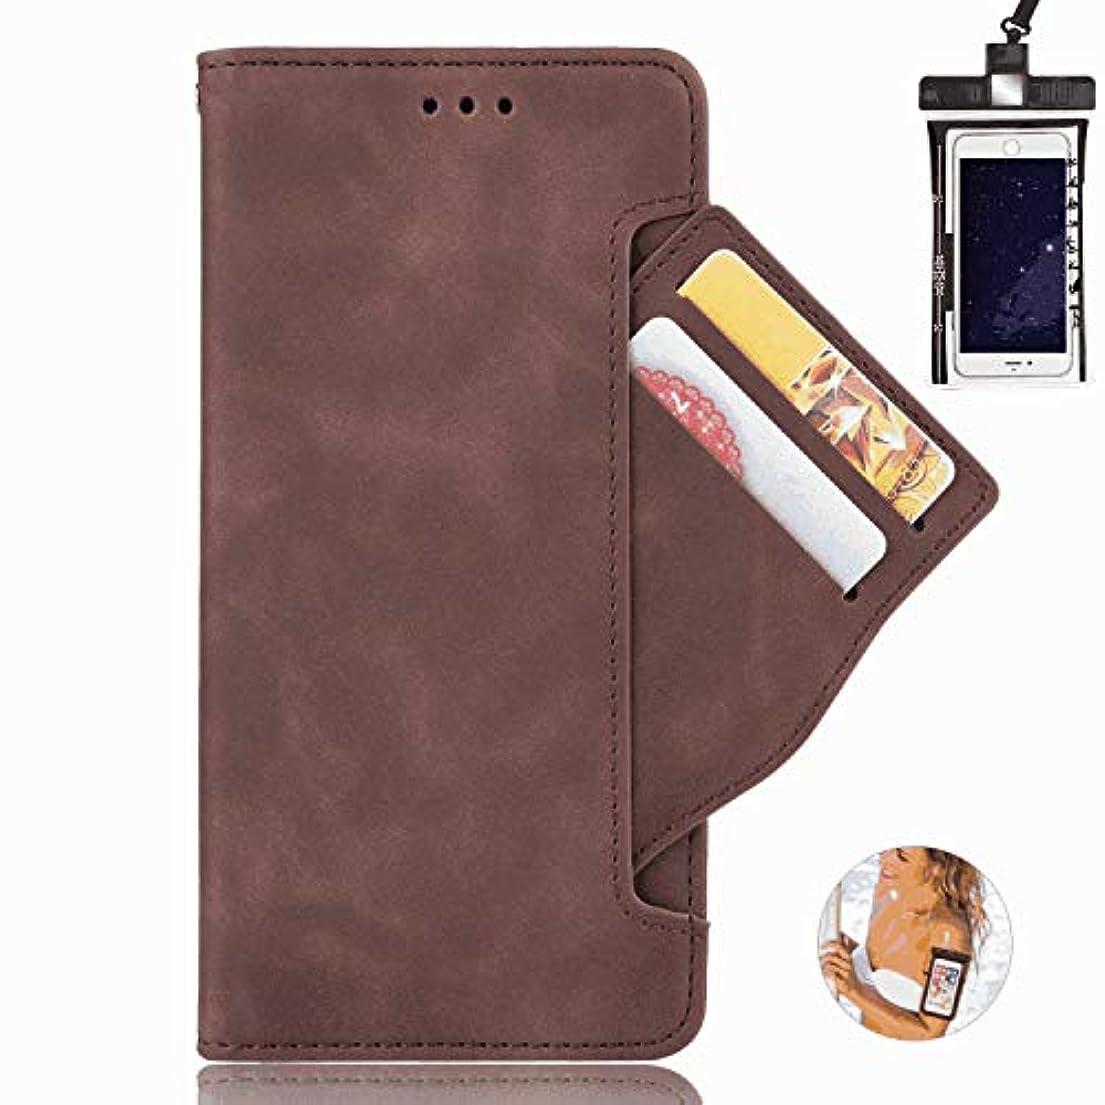 腹痛シールドはさみ耐摩擦 手帳型 手帳型 アイフォン iPhone 6 ケース 本革 レザー スマホケース カバー 財布型 耐汚れ 無料付防水ポーチ